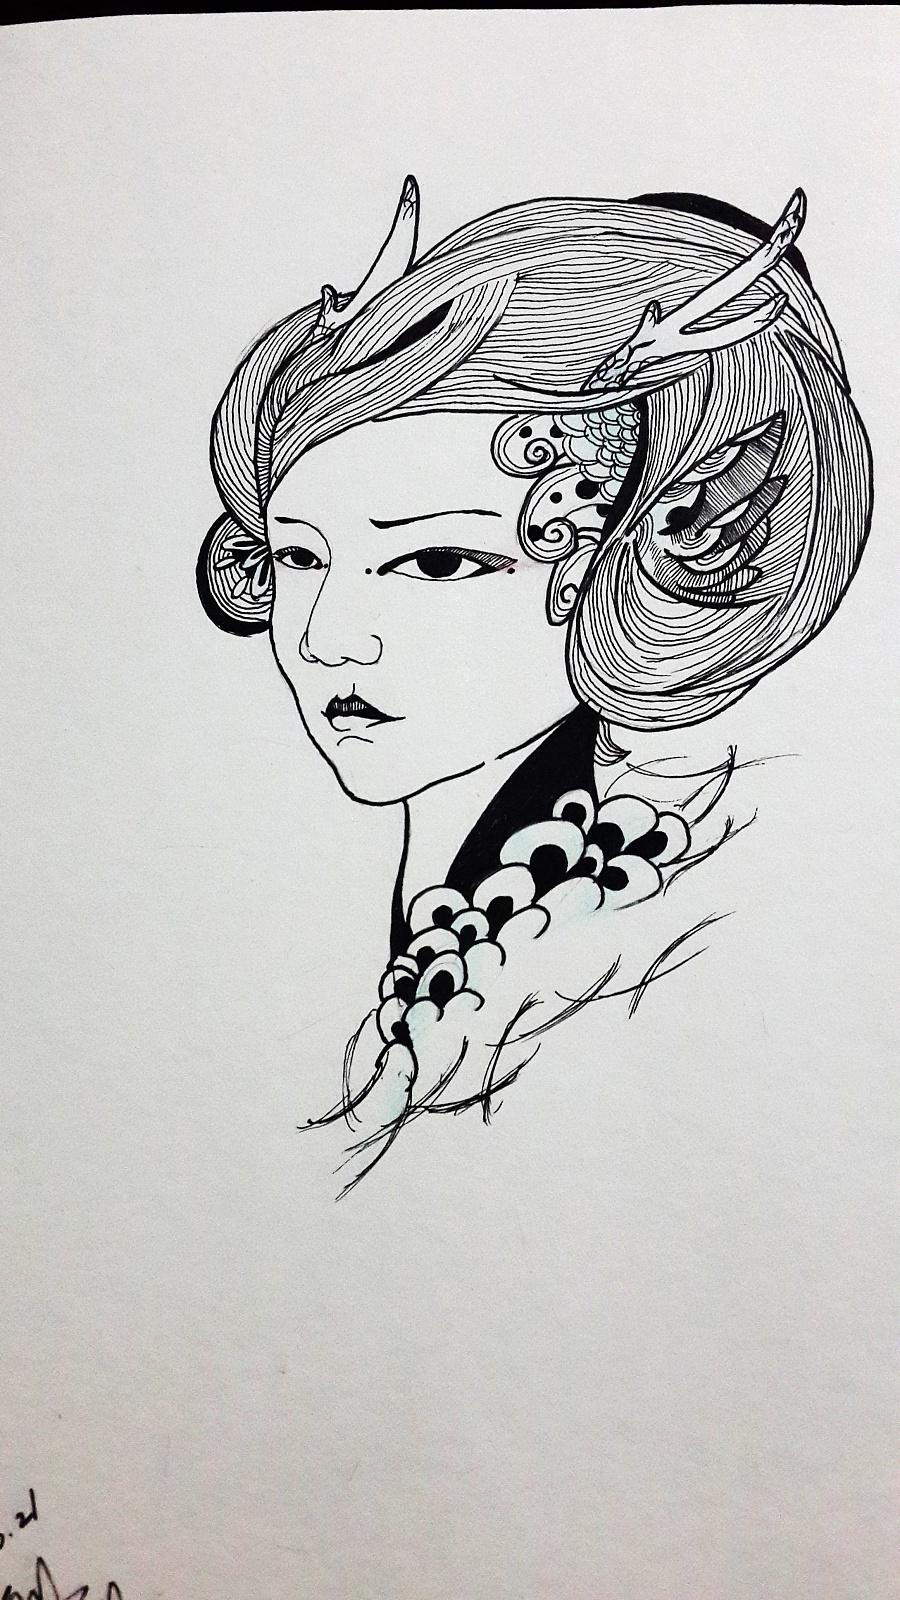 手绘黑白装饰画|图形/图案|平面|林末白